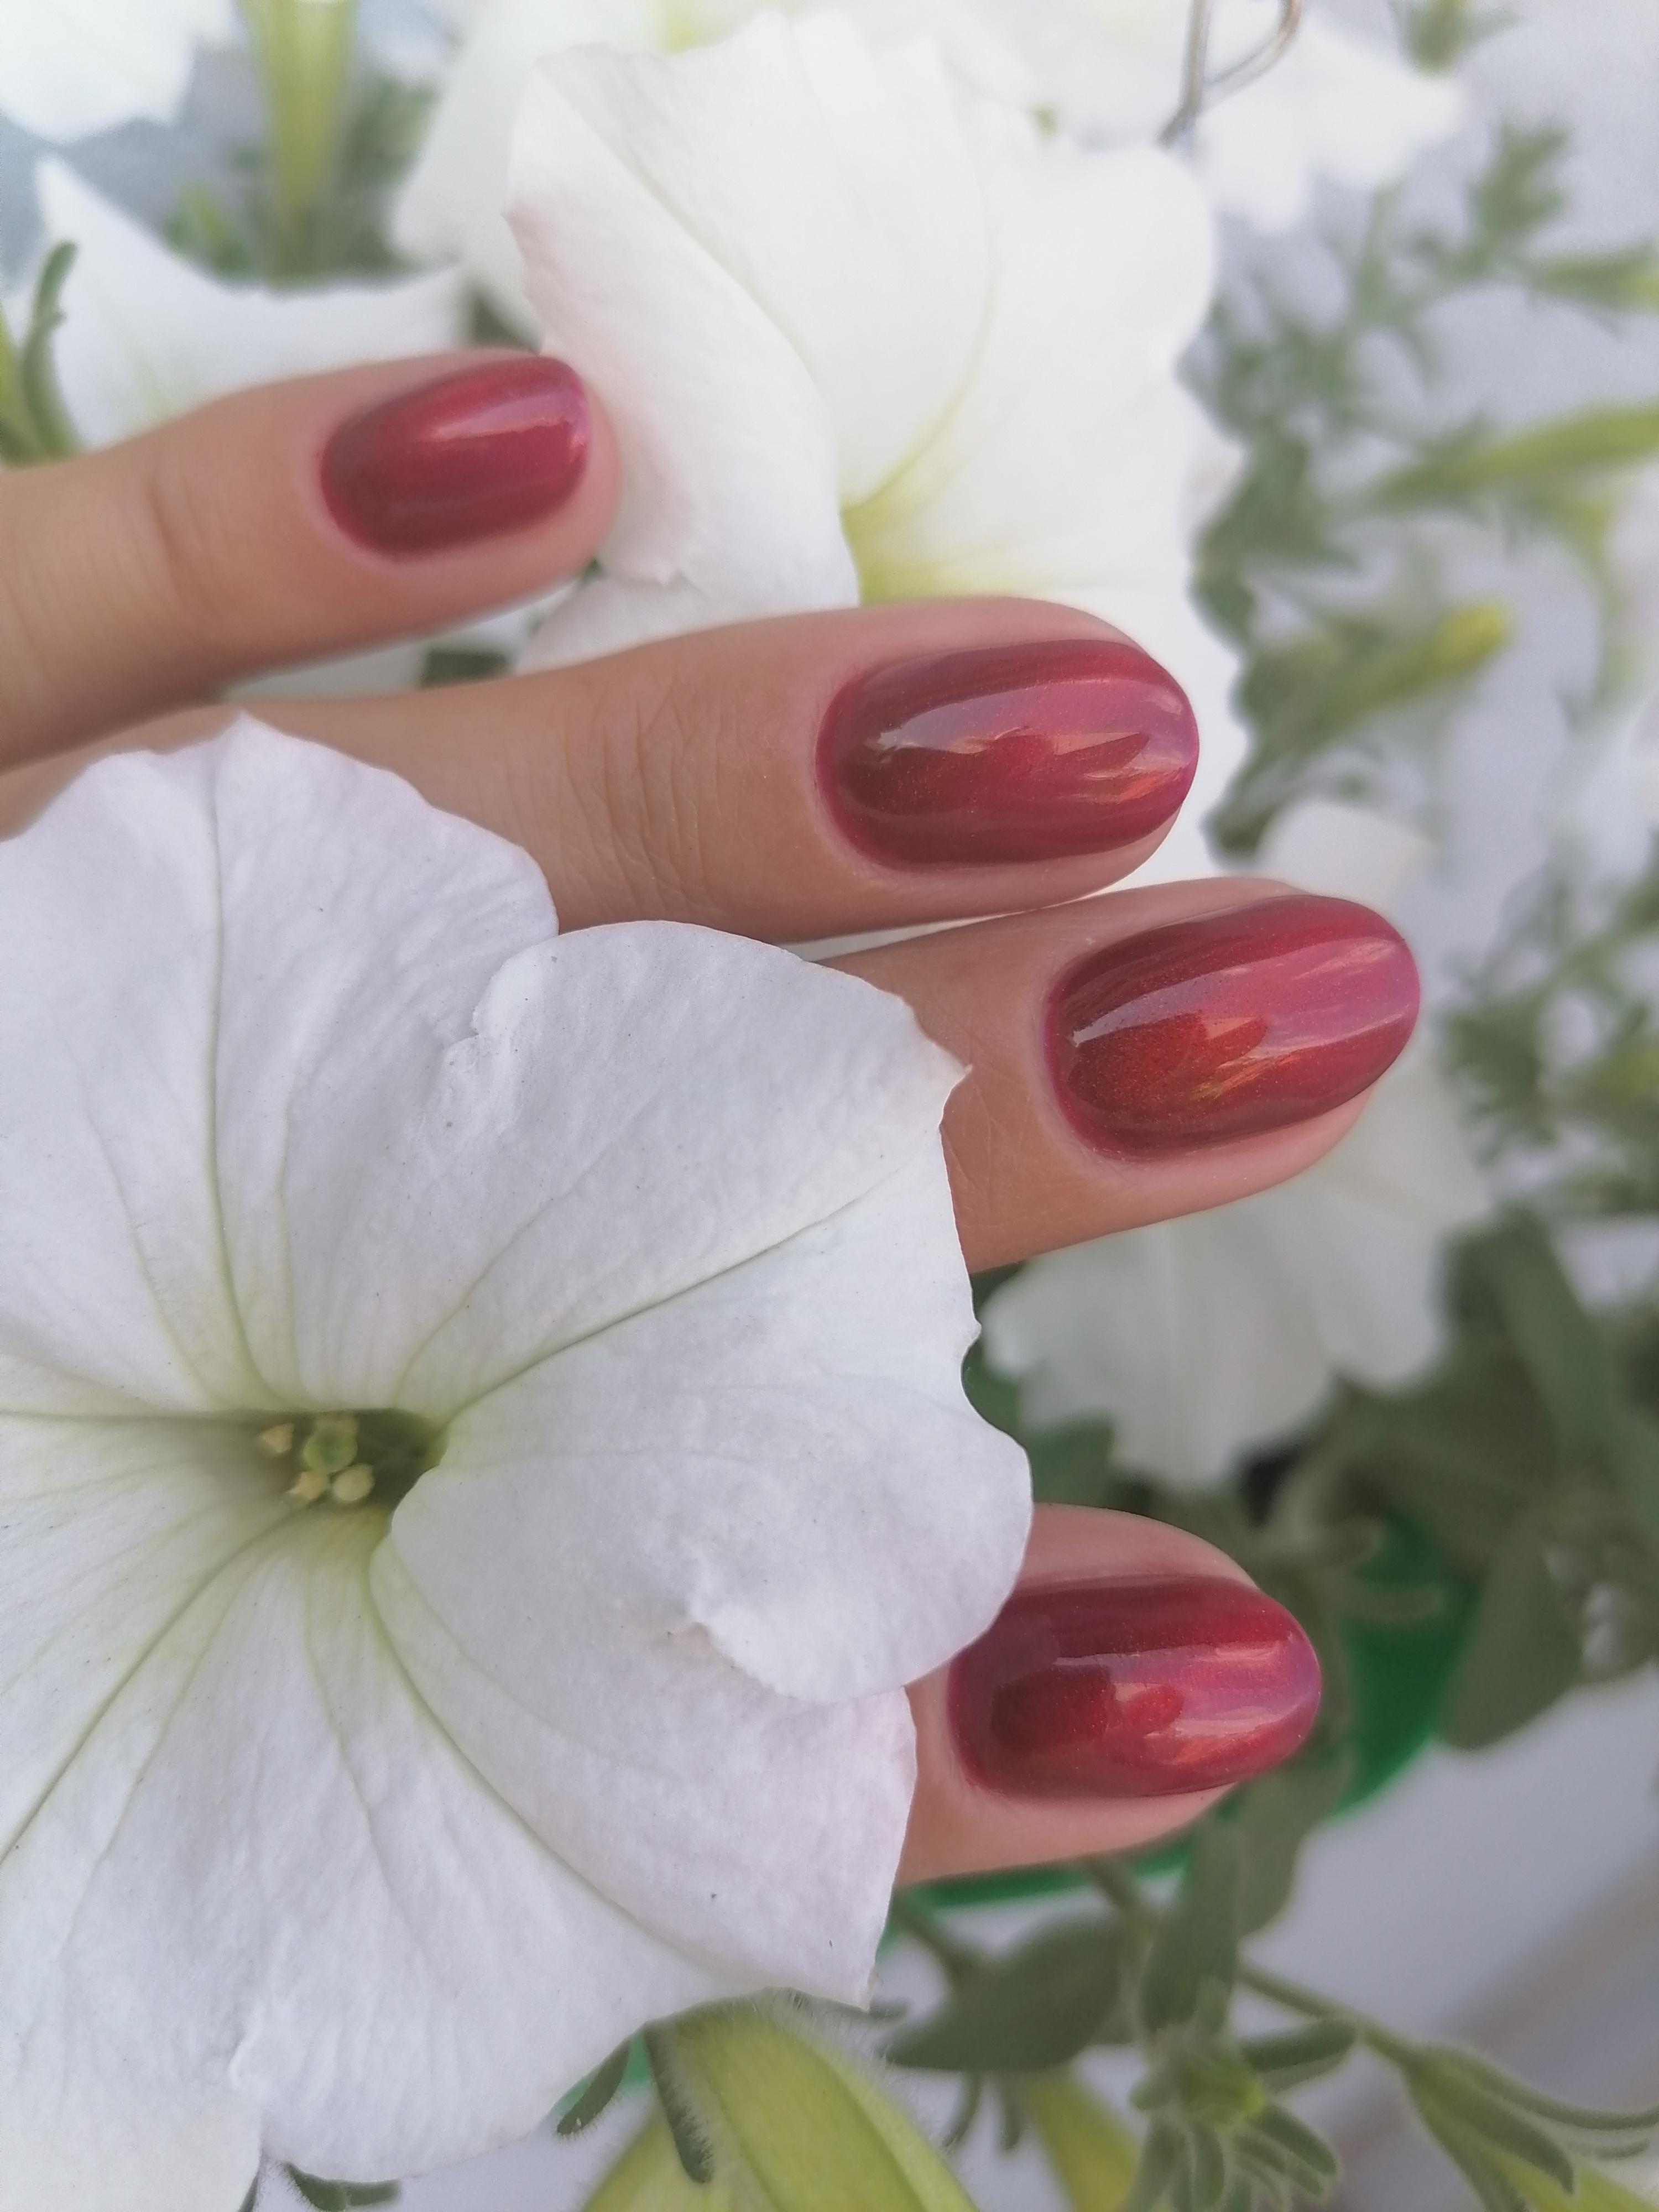 Маникюр с эффектом кошачий глаз в темно-красном цвете на короткие ногти.